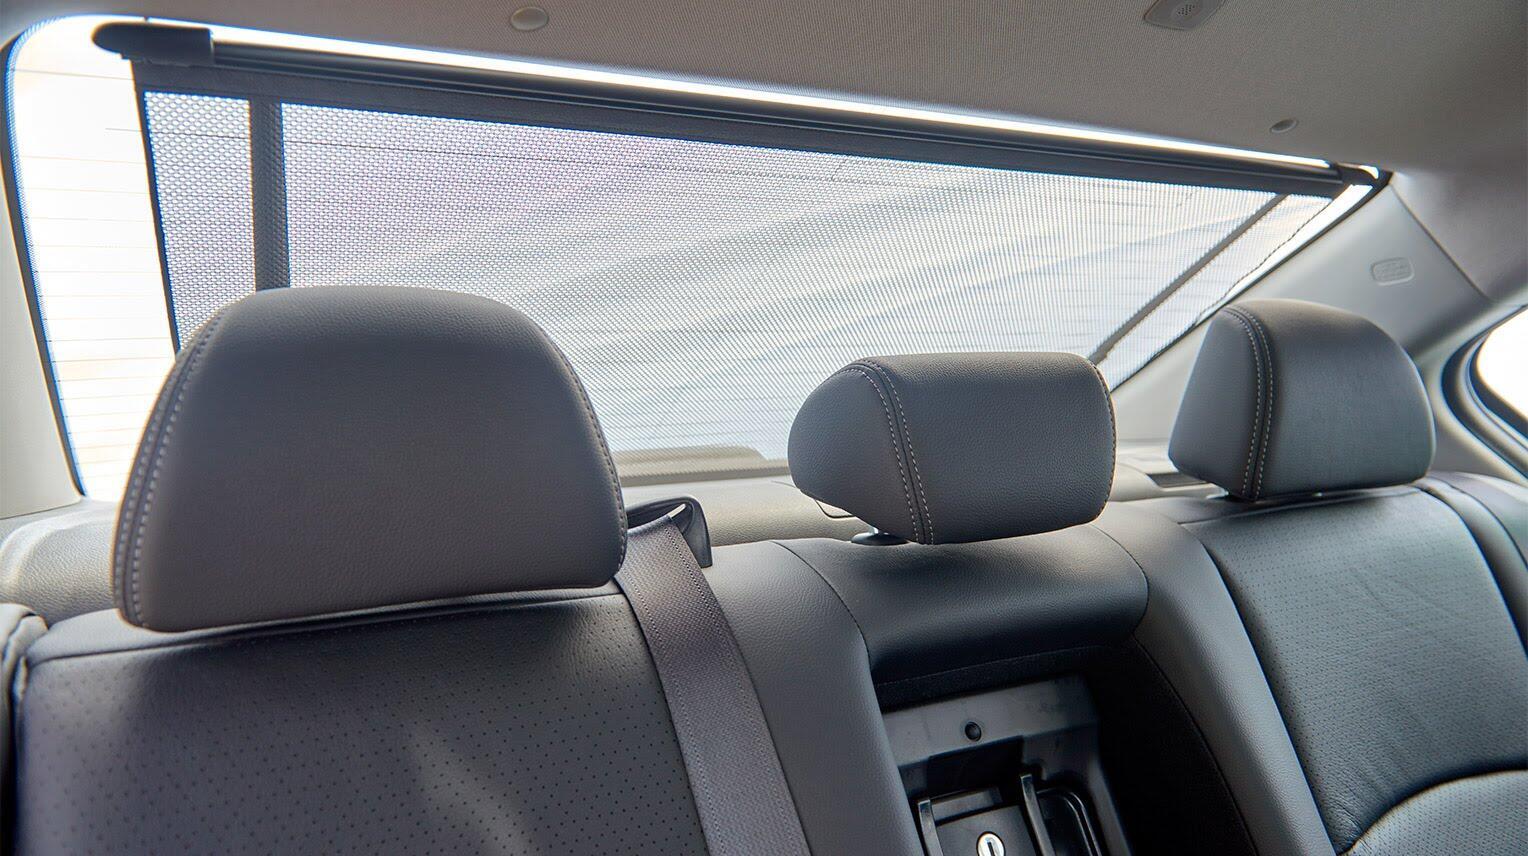 Đánh giá Honda Accord 2016: Ưa nhìn hơn, trang bị tốt hơn và lái phấn khích hơn - Hình 22